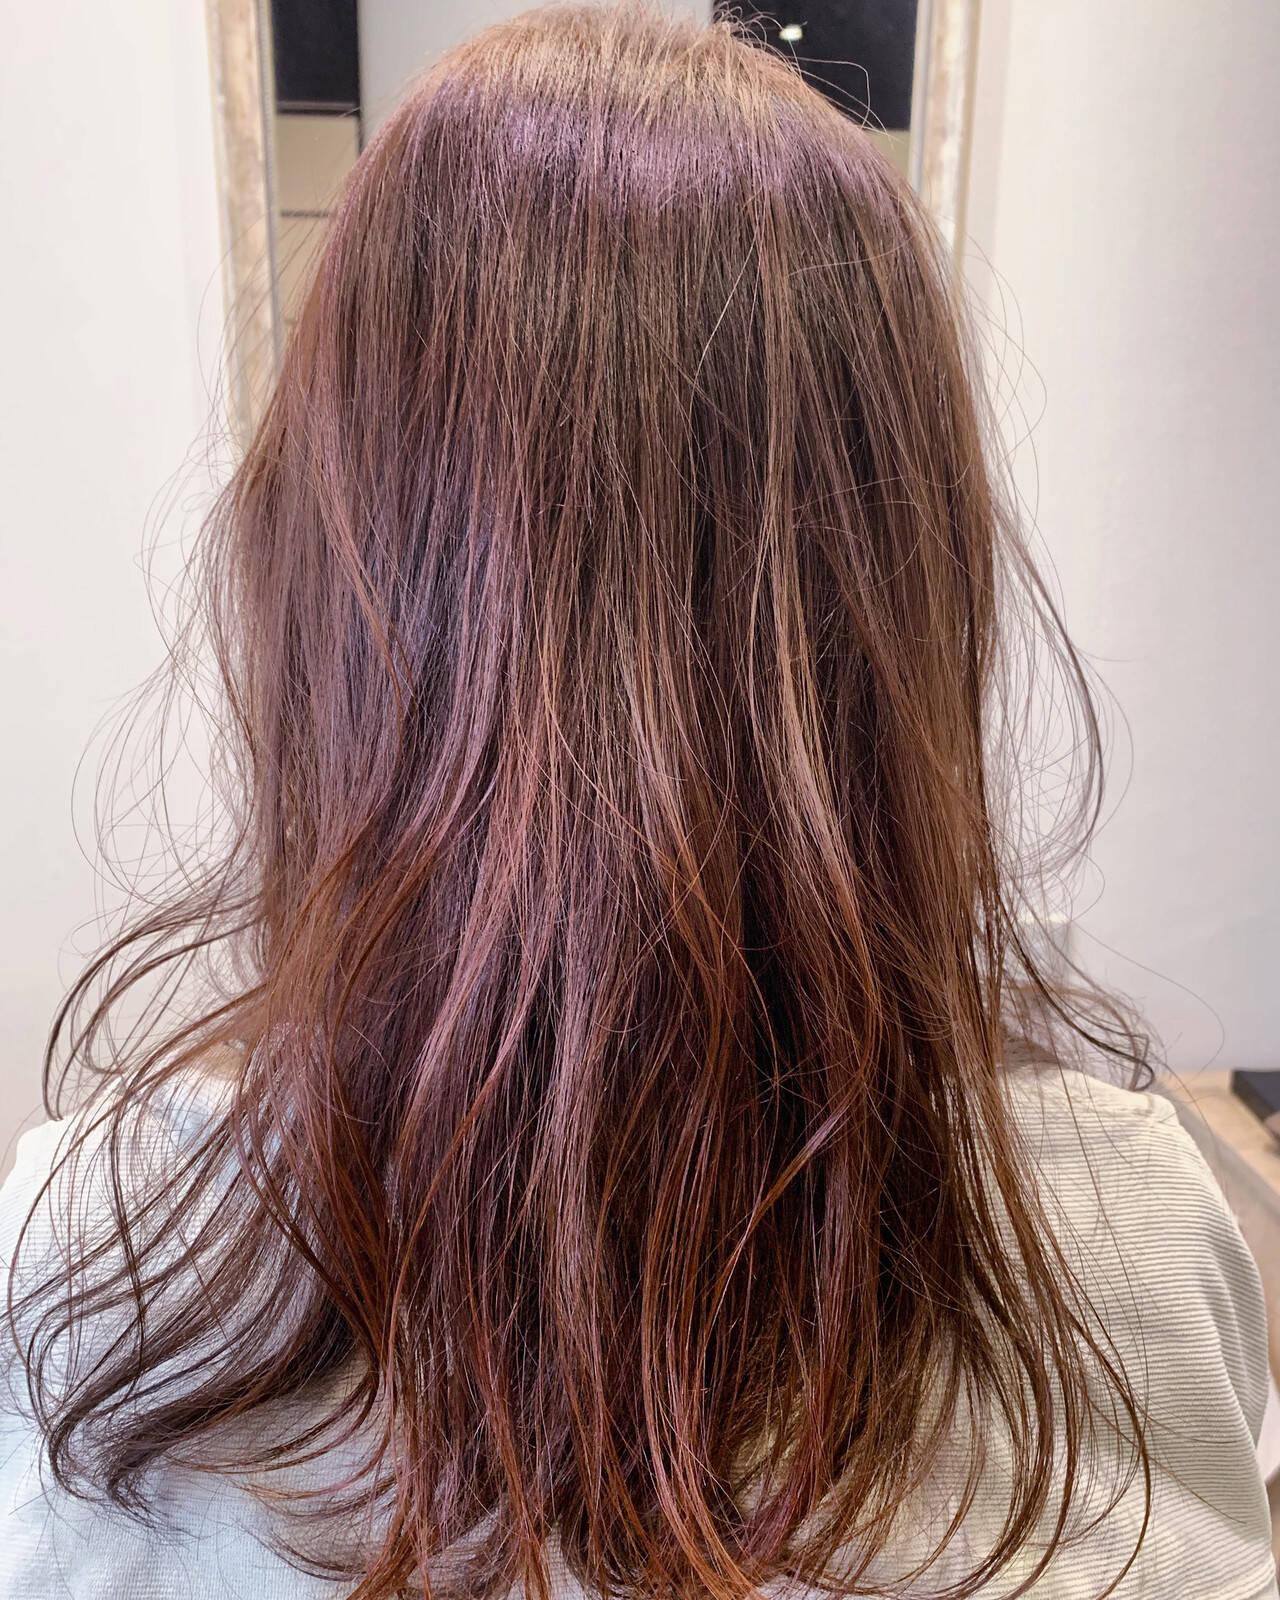 ピンクブラウン ピンクベージュ 大人可愛い フェミニンヘアスタイルや髪型の写真・画像